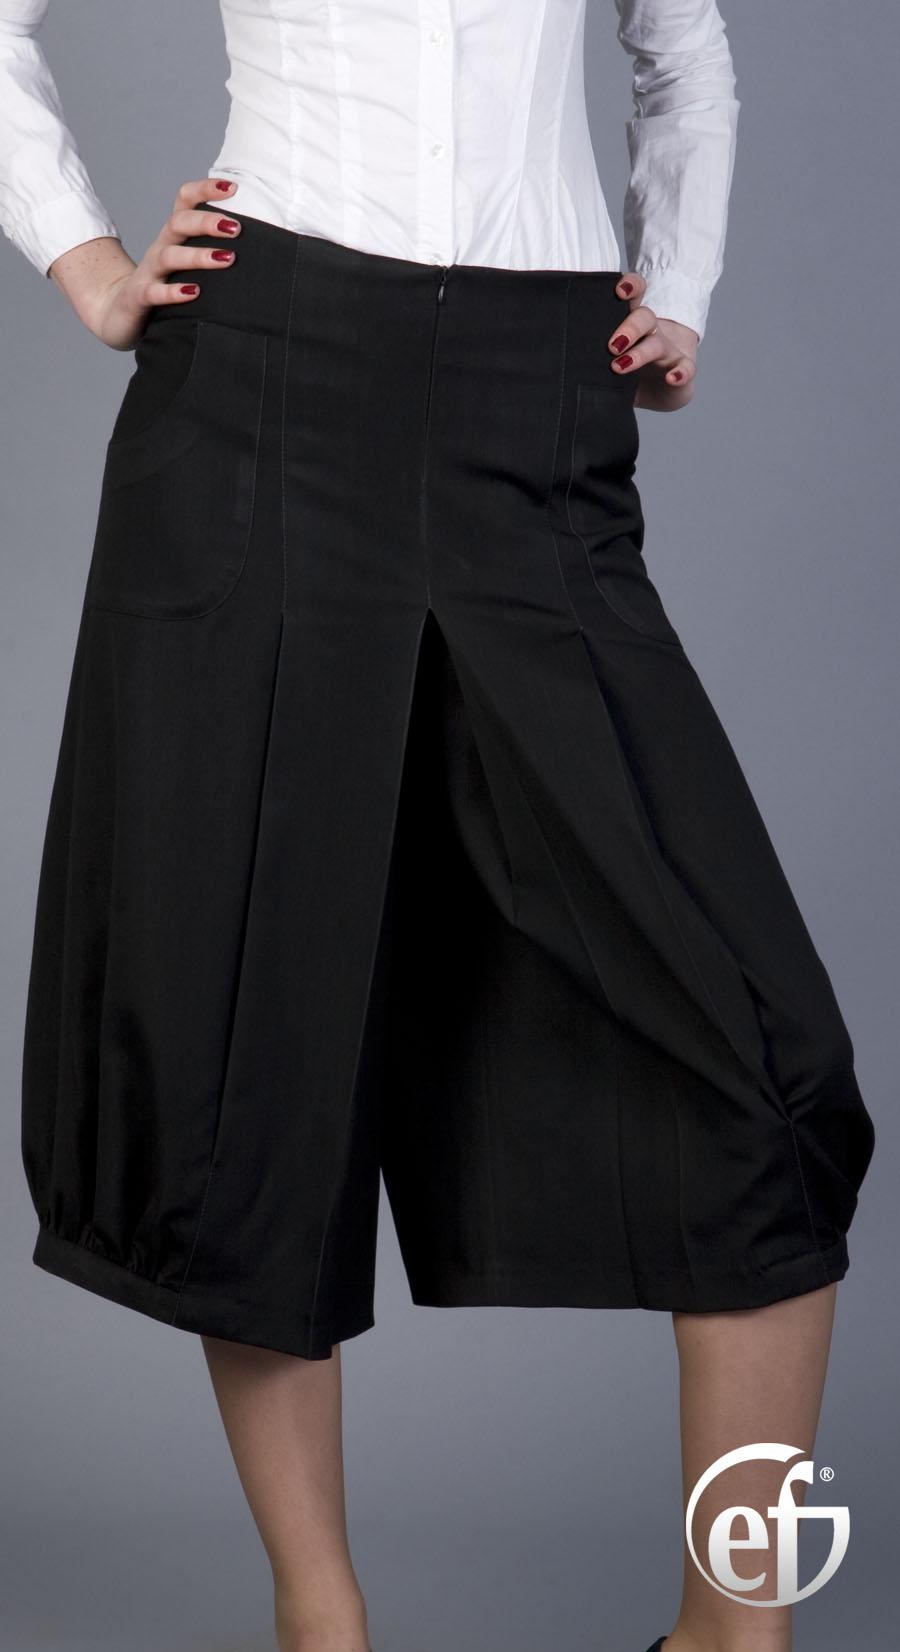 Купить юбку российского производства